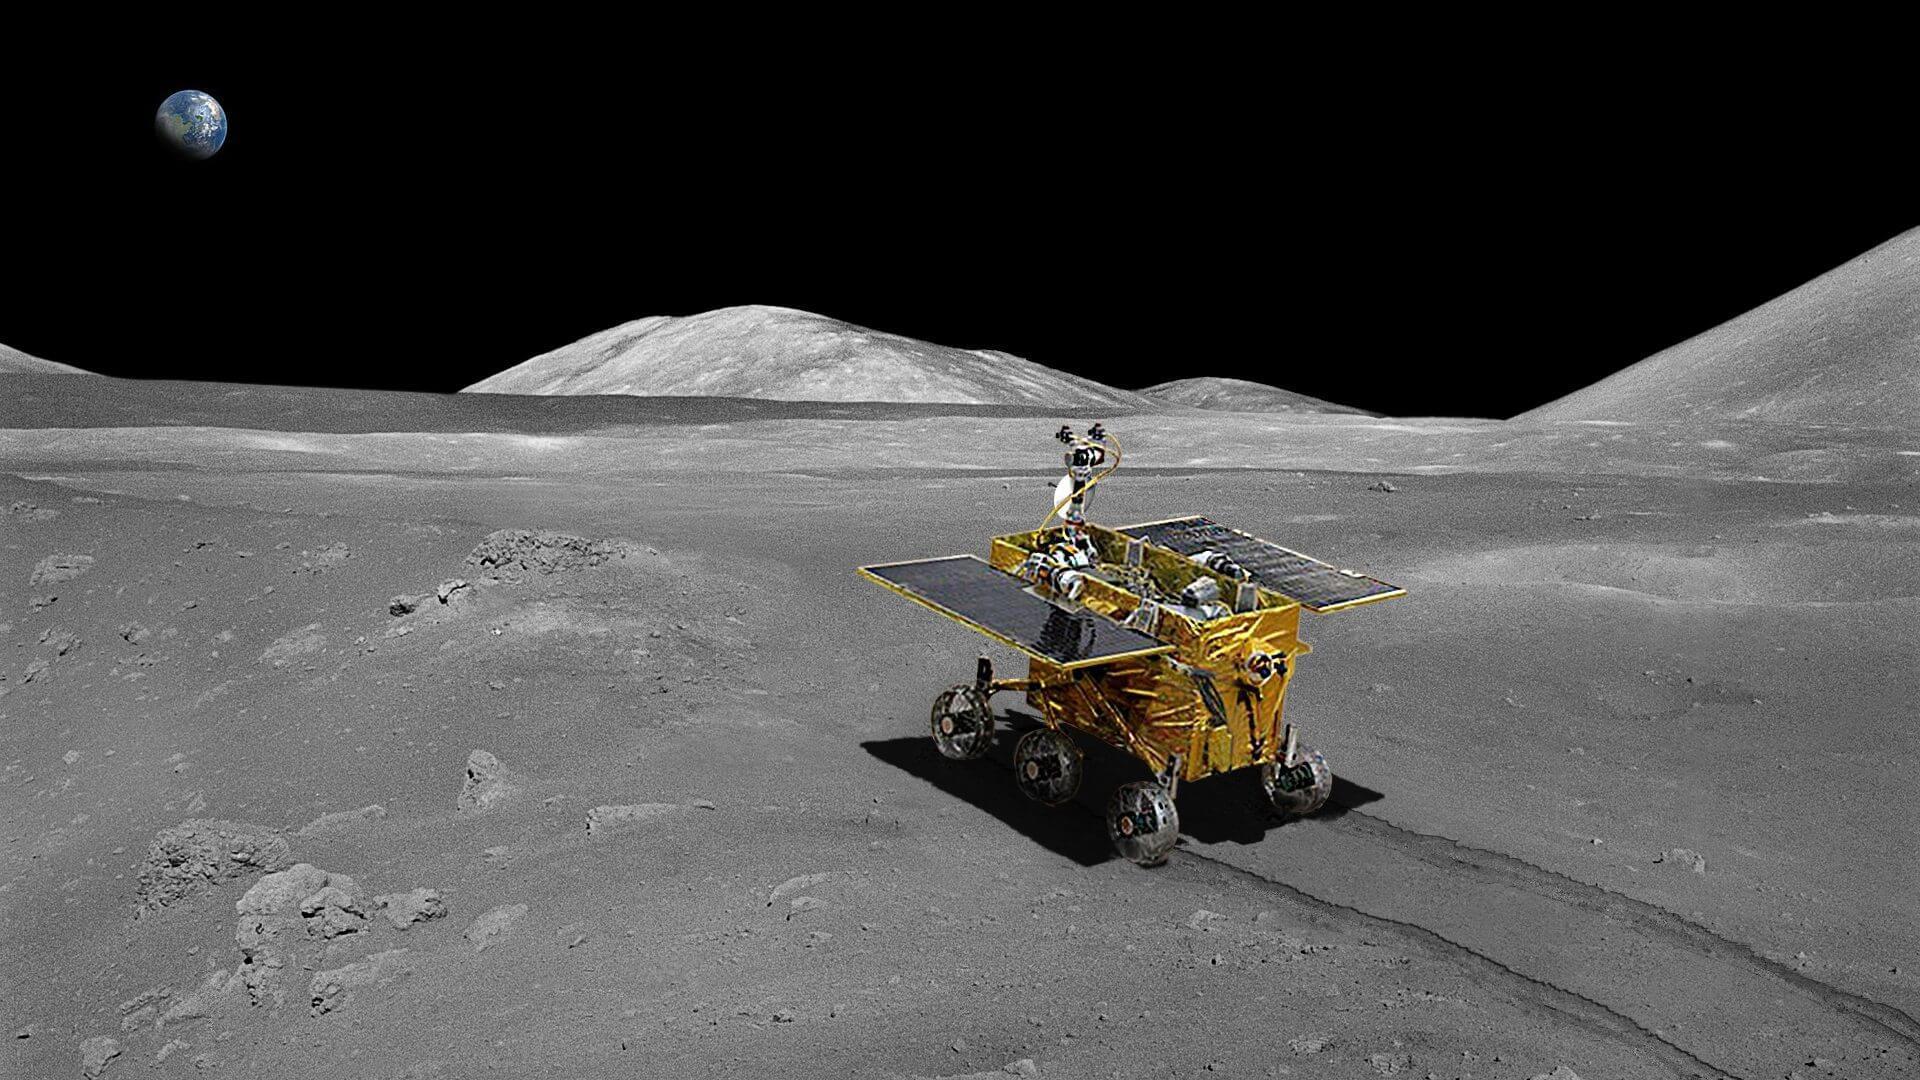 smt chinalua capa - China divulga fotos da Lua em HD tiradas pela sonda Chang'e 3